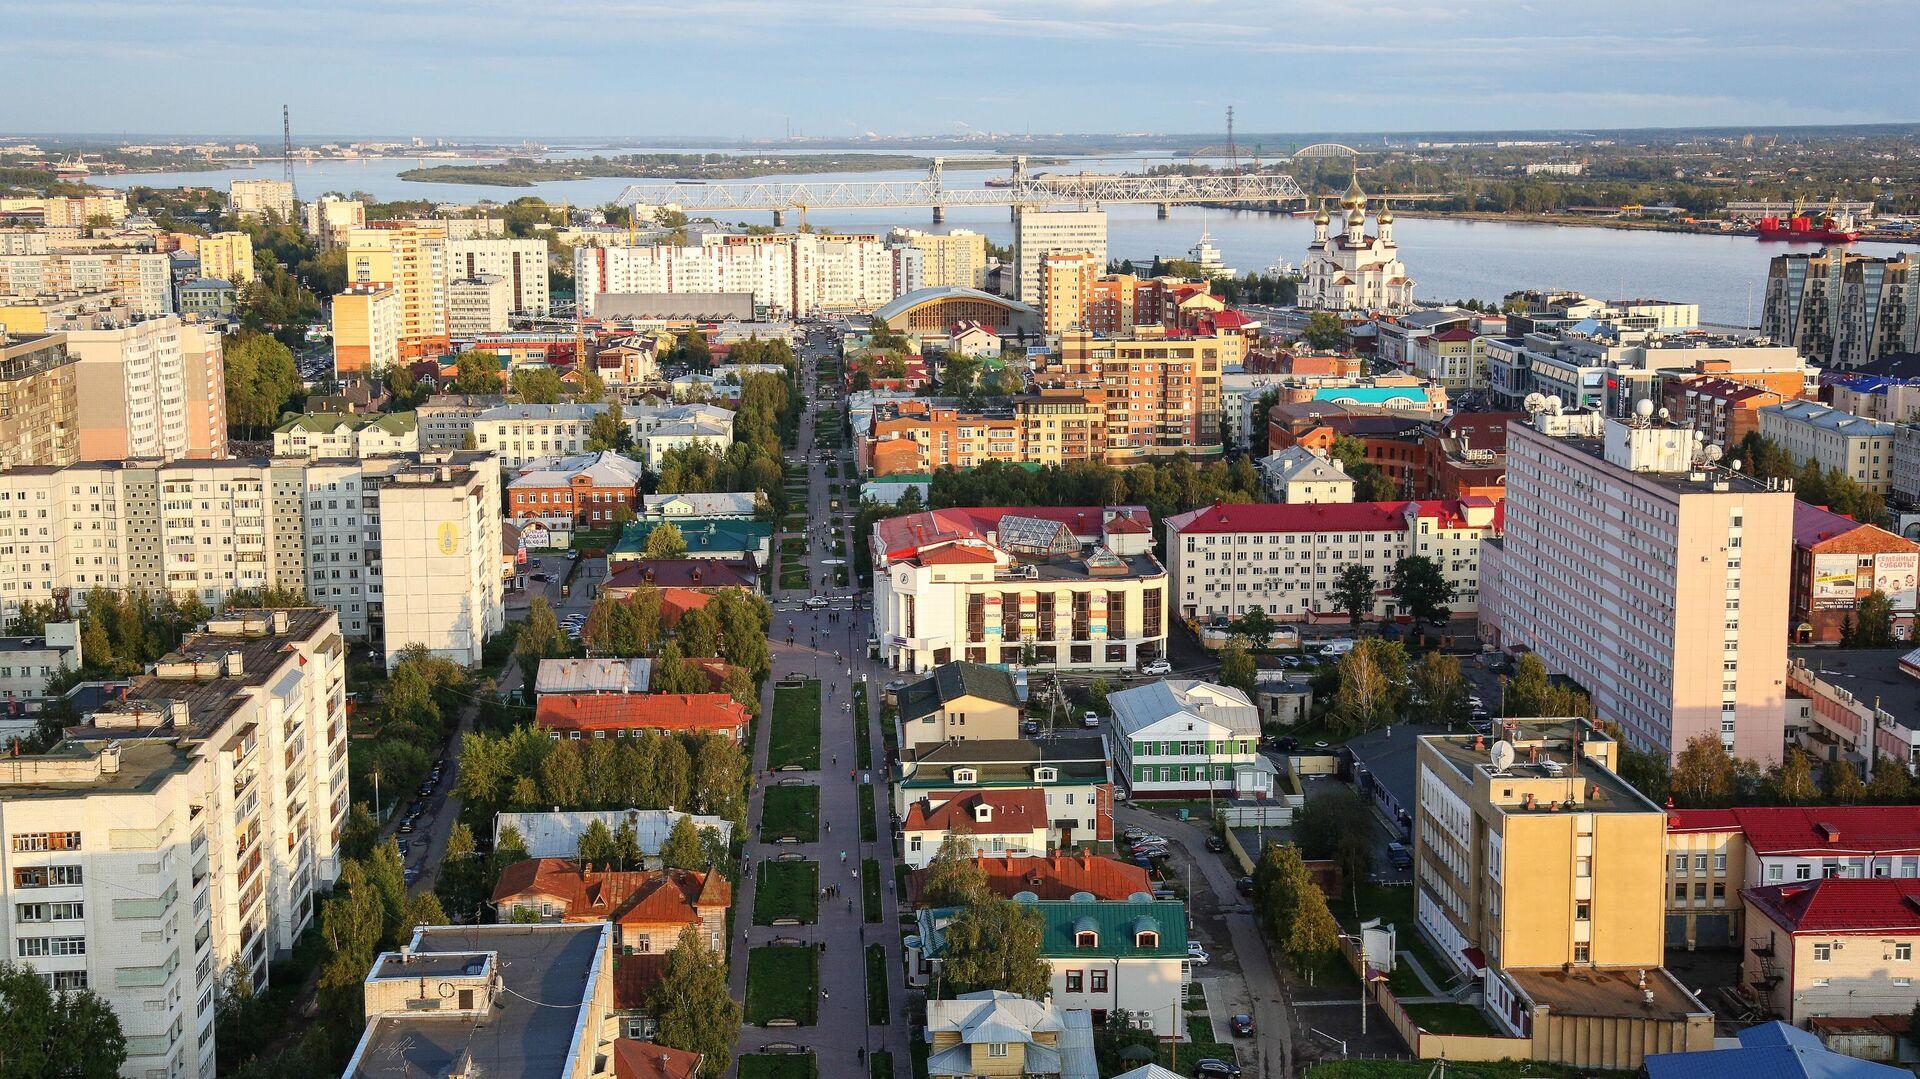 Вид на центральную часть города Архангельска - РИА Новости, 1920, 28.10.2020